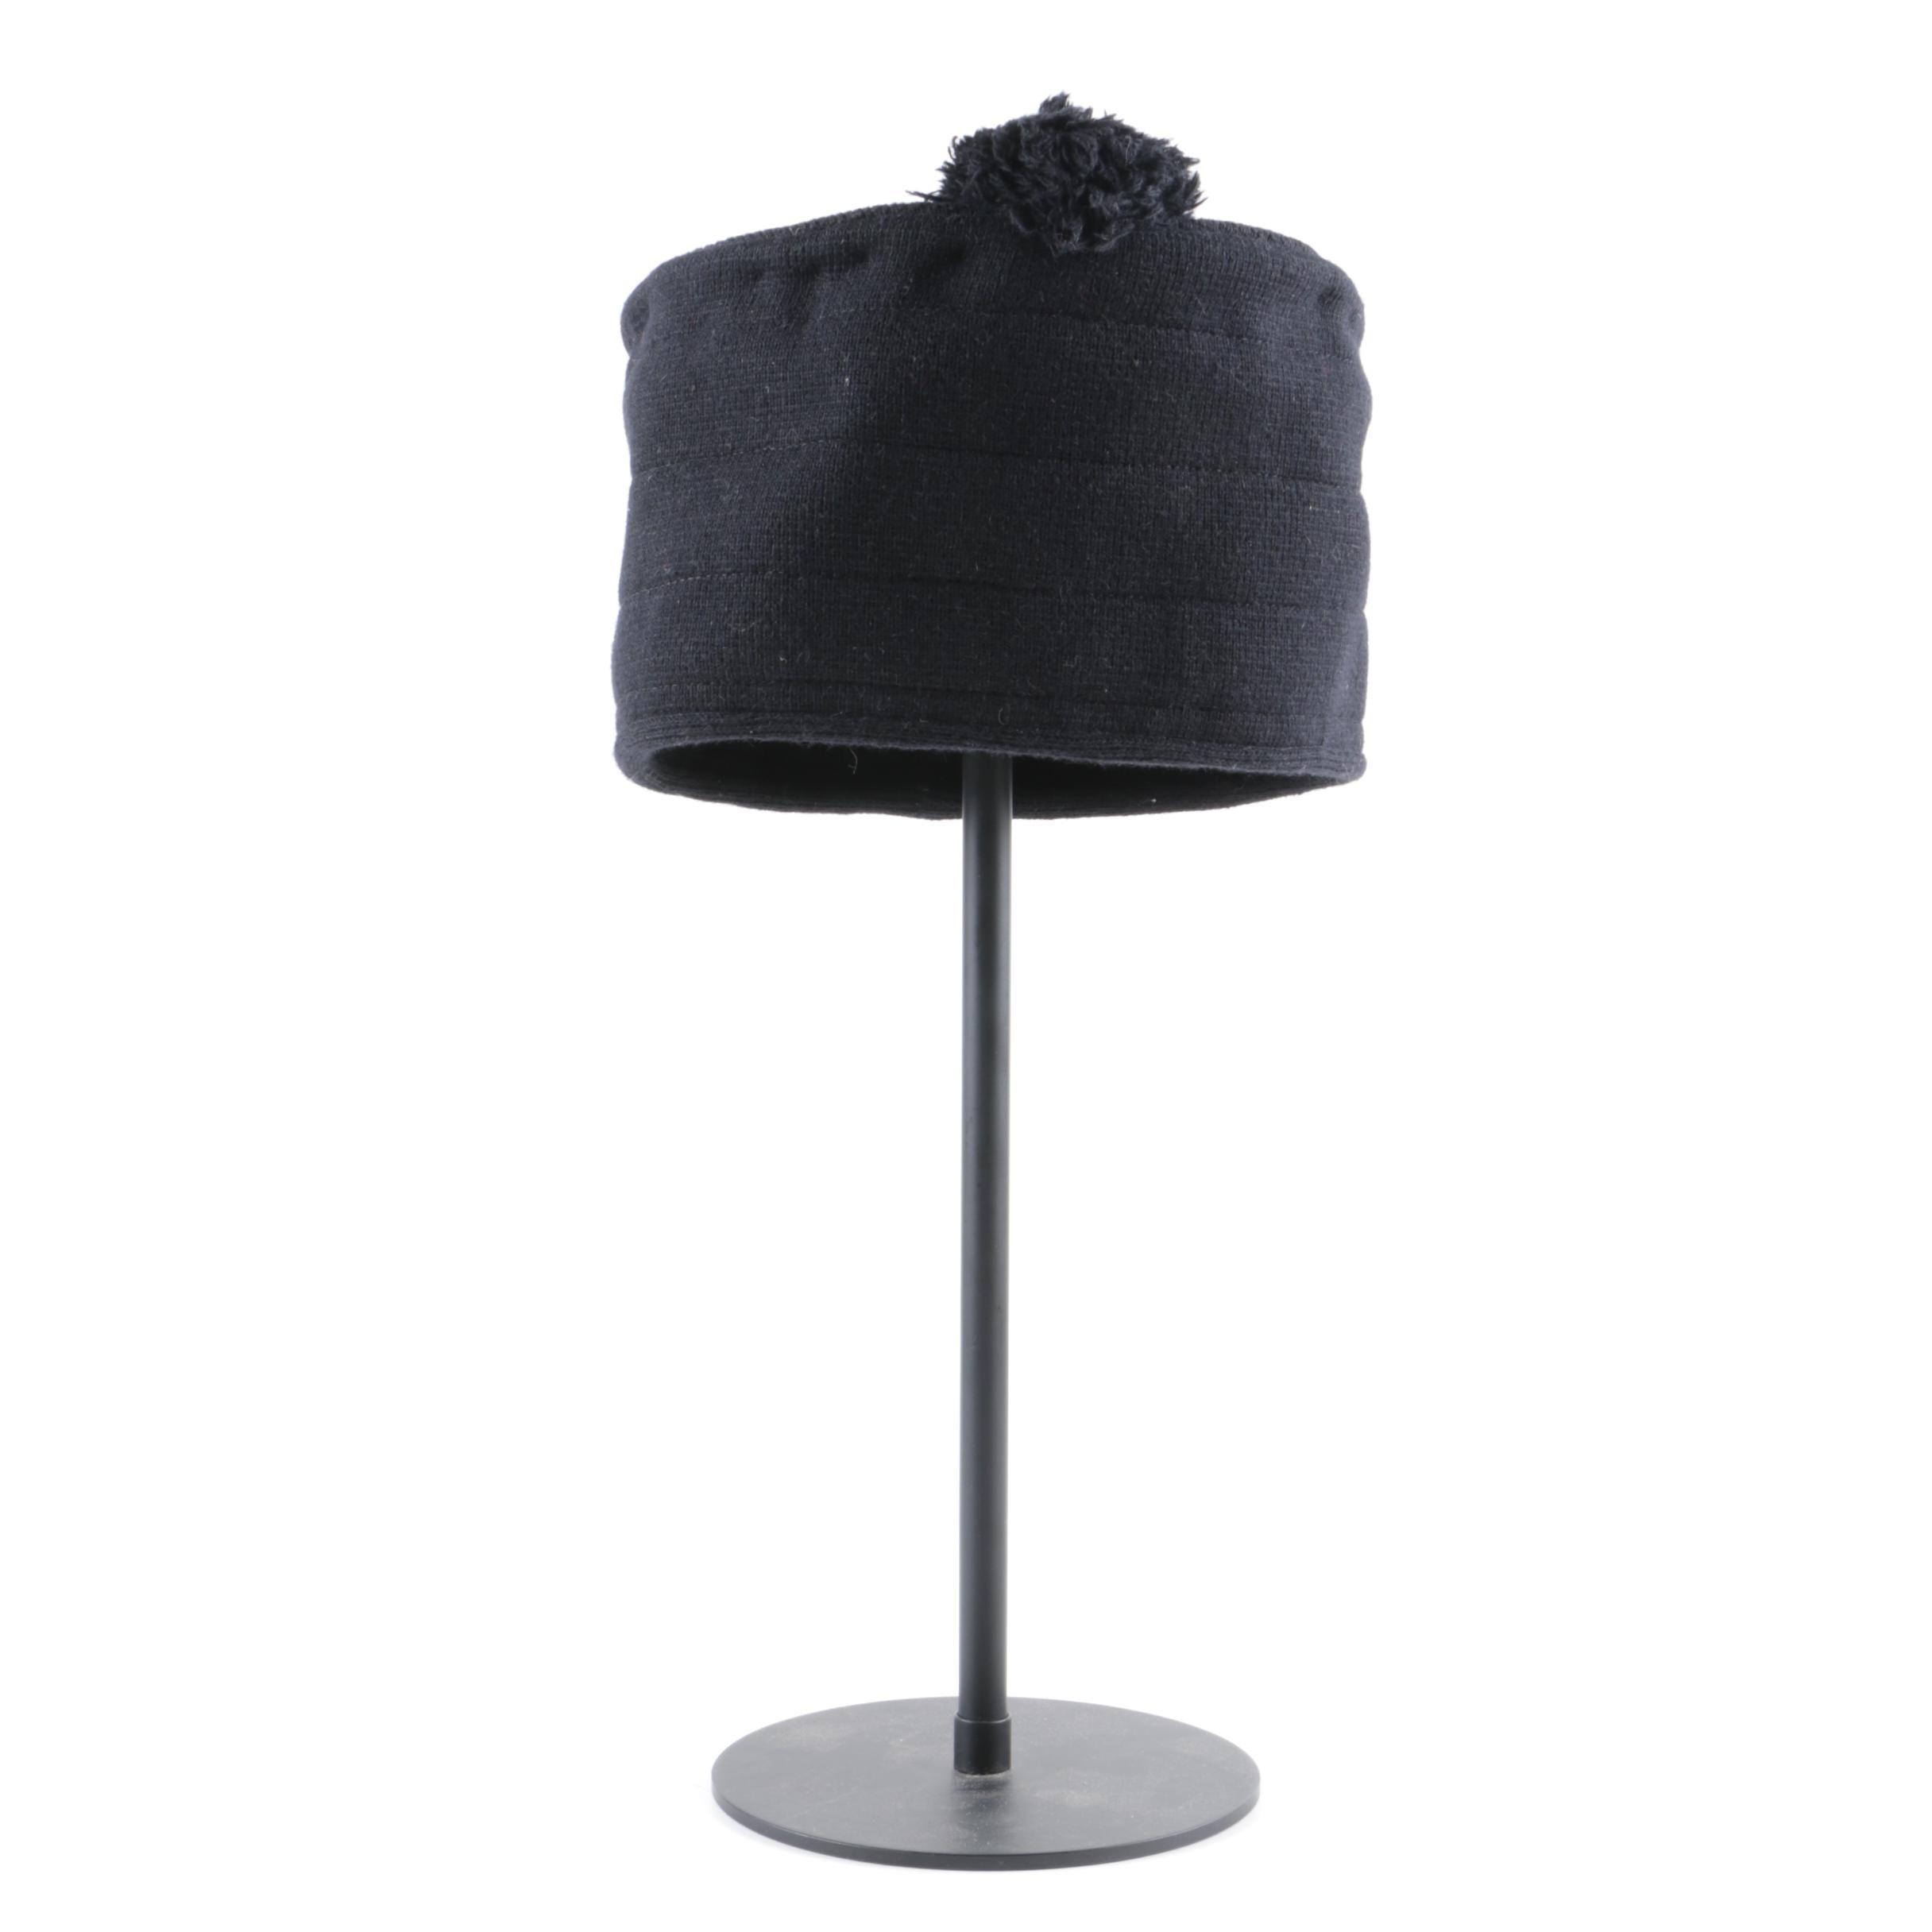 Sonia Rykiel of Paris Black Wool Blend Hat, Made in Italy